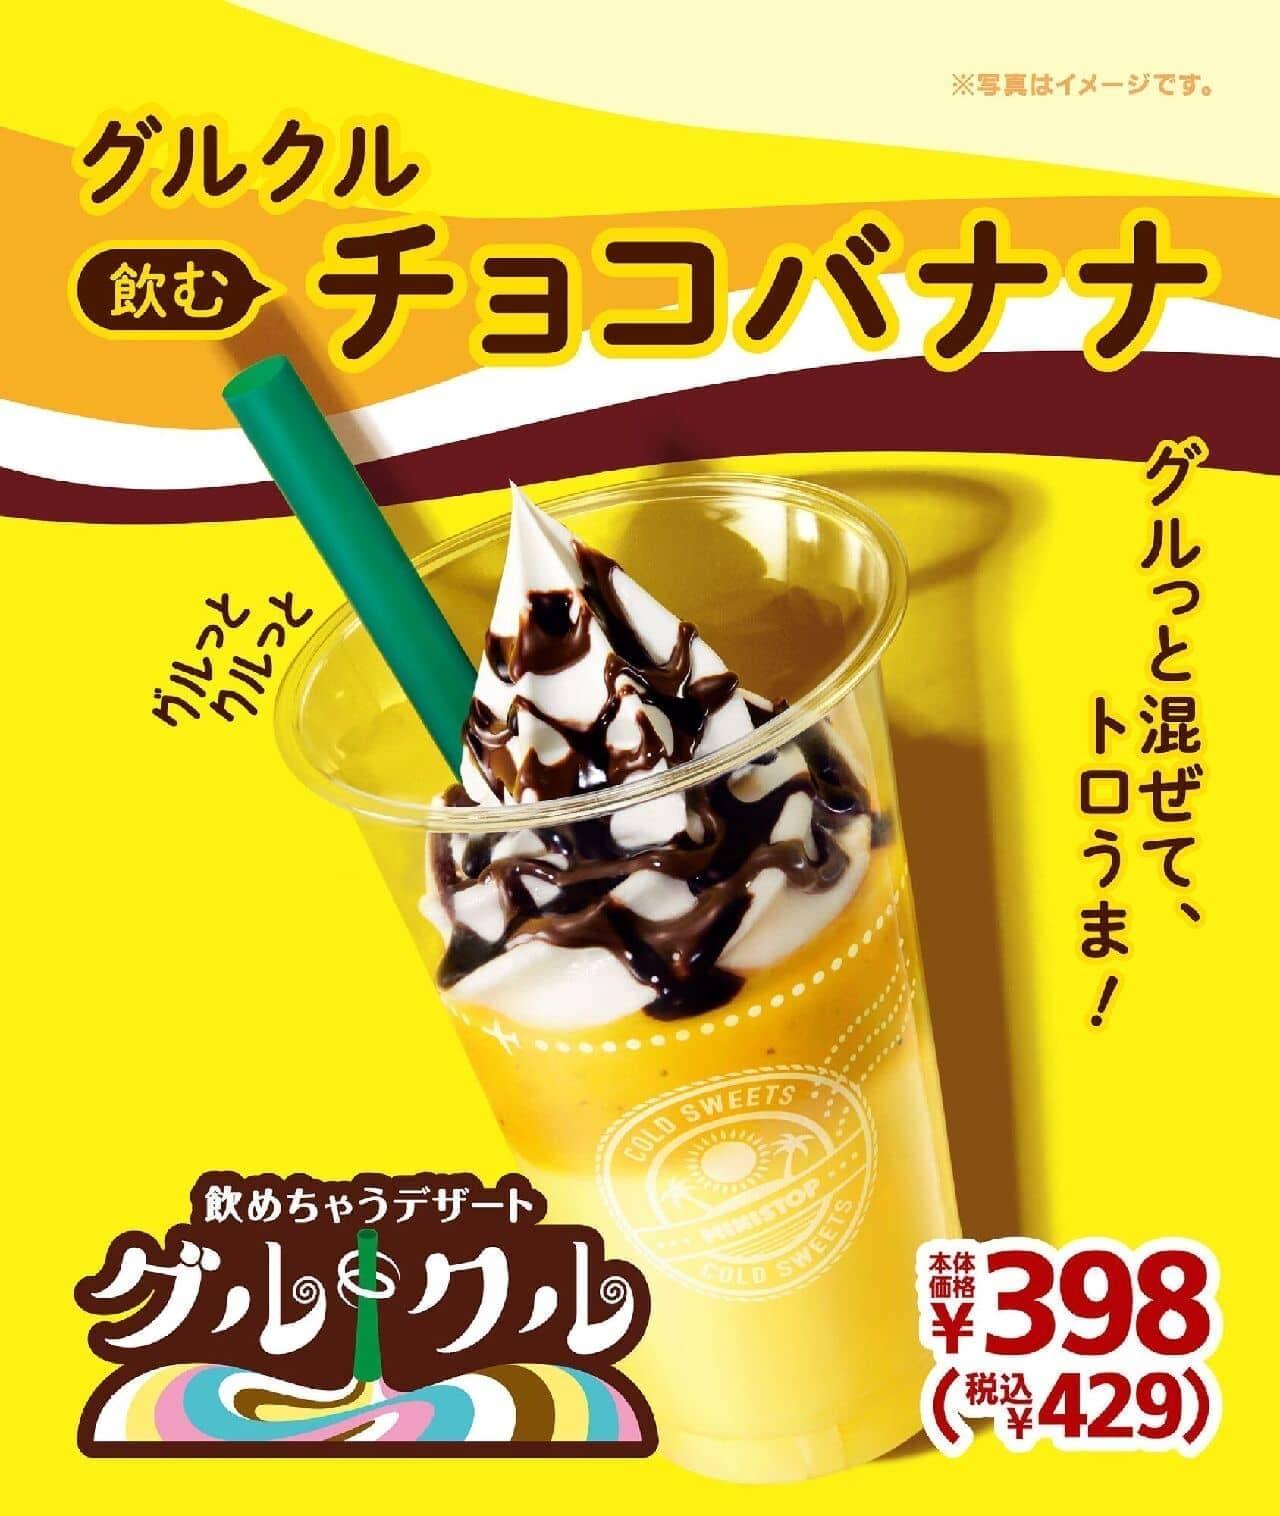 ミニストップ 混ぜて飲む新デザート「グルクル」チョコバナナ・いちご杏仁の2フレーバー